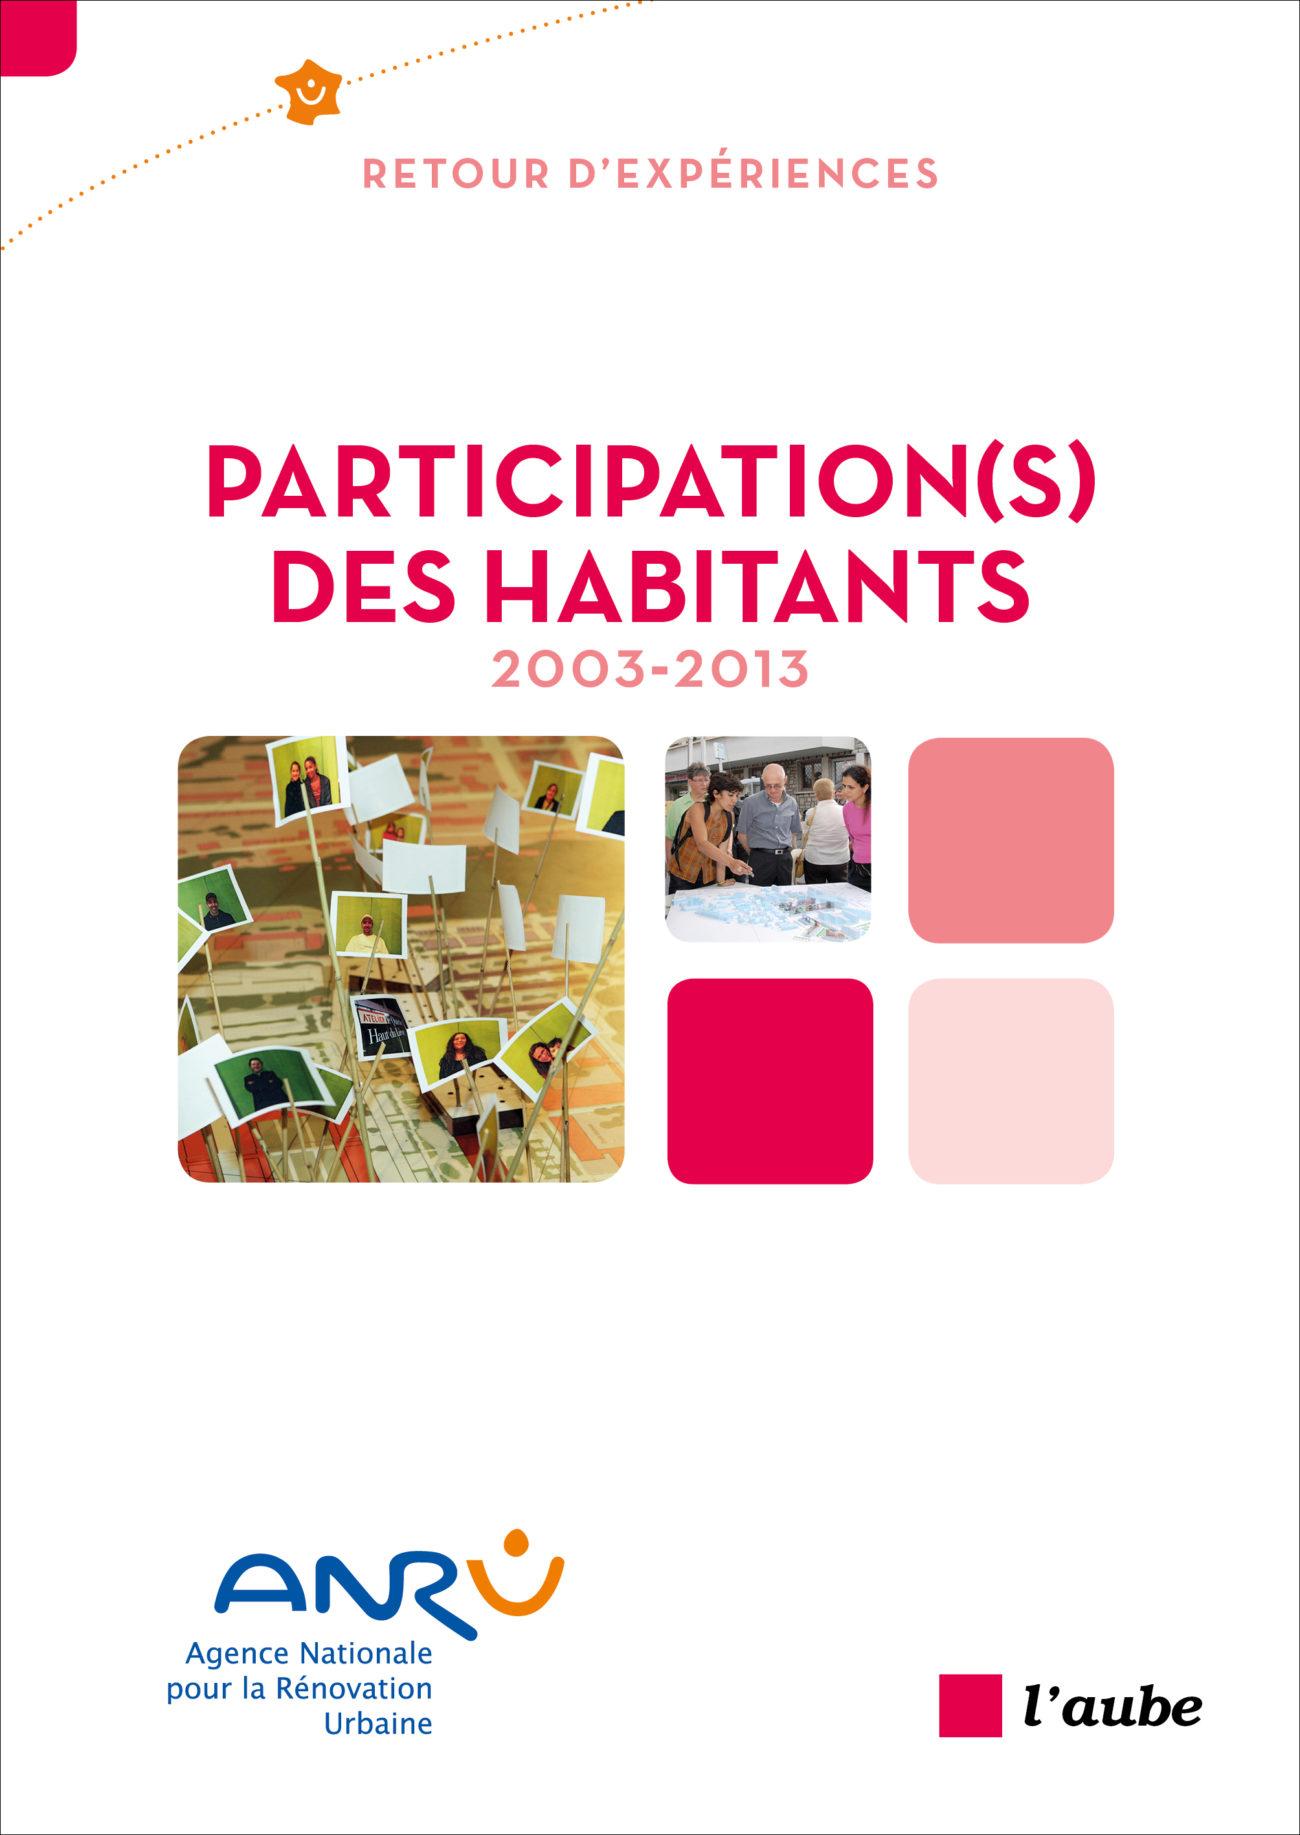 Participation(s) des habitants